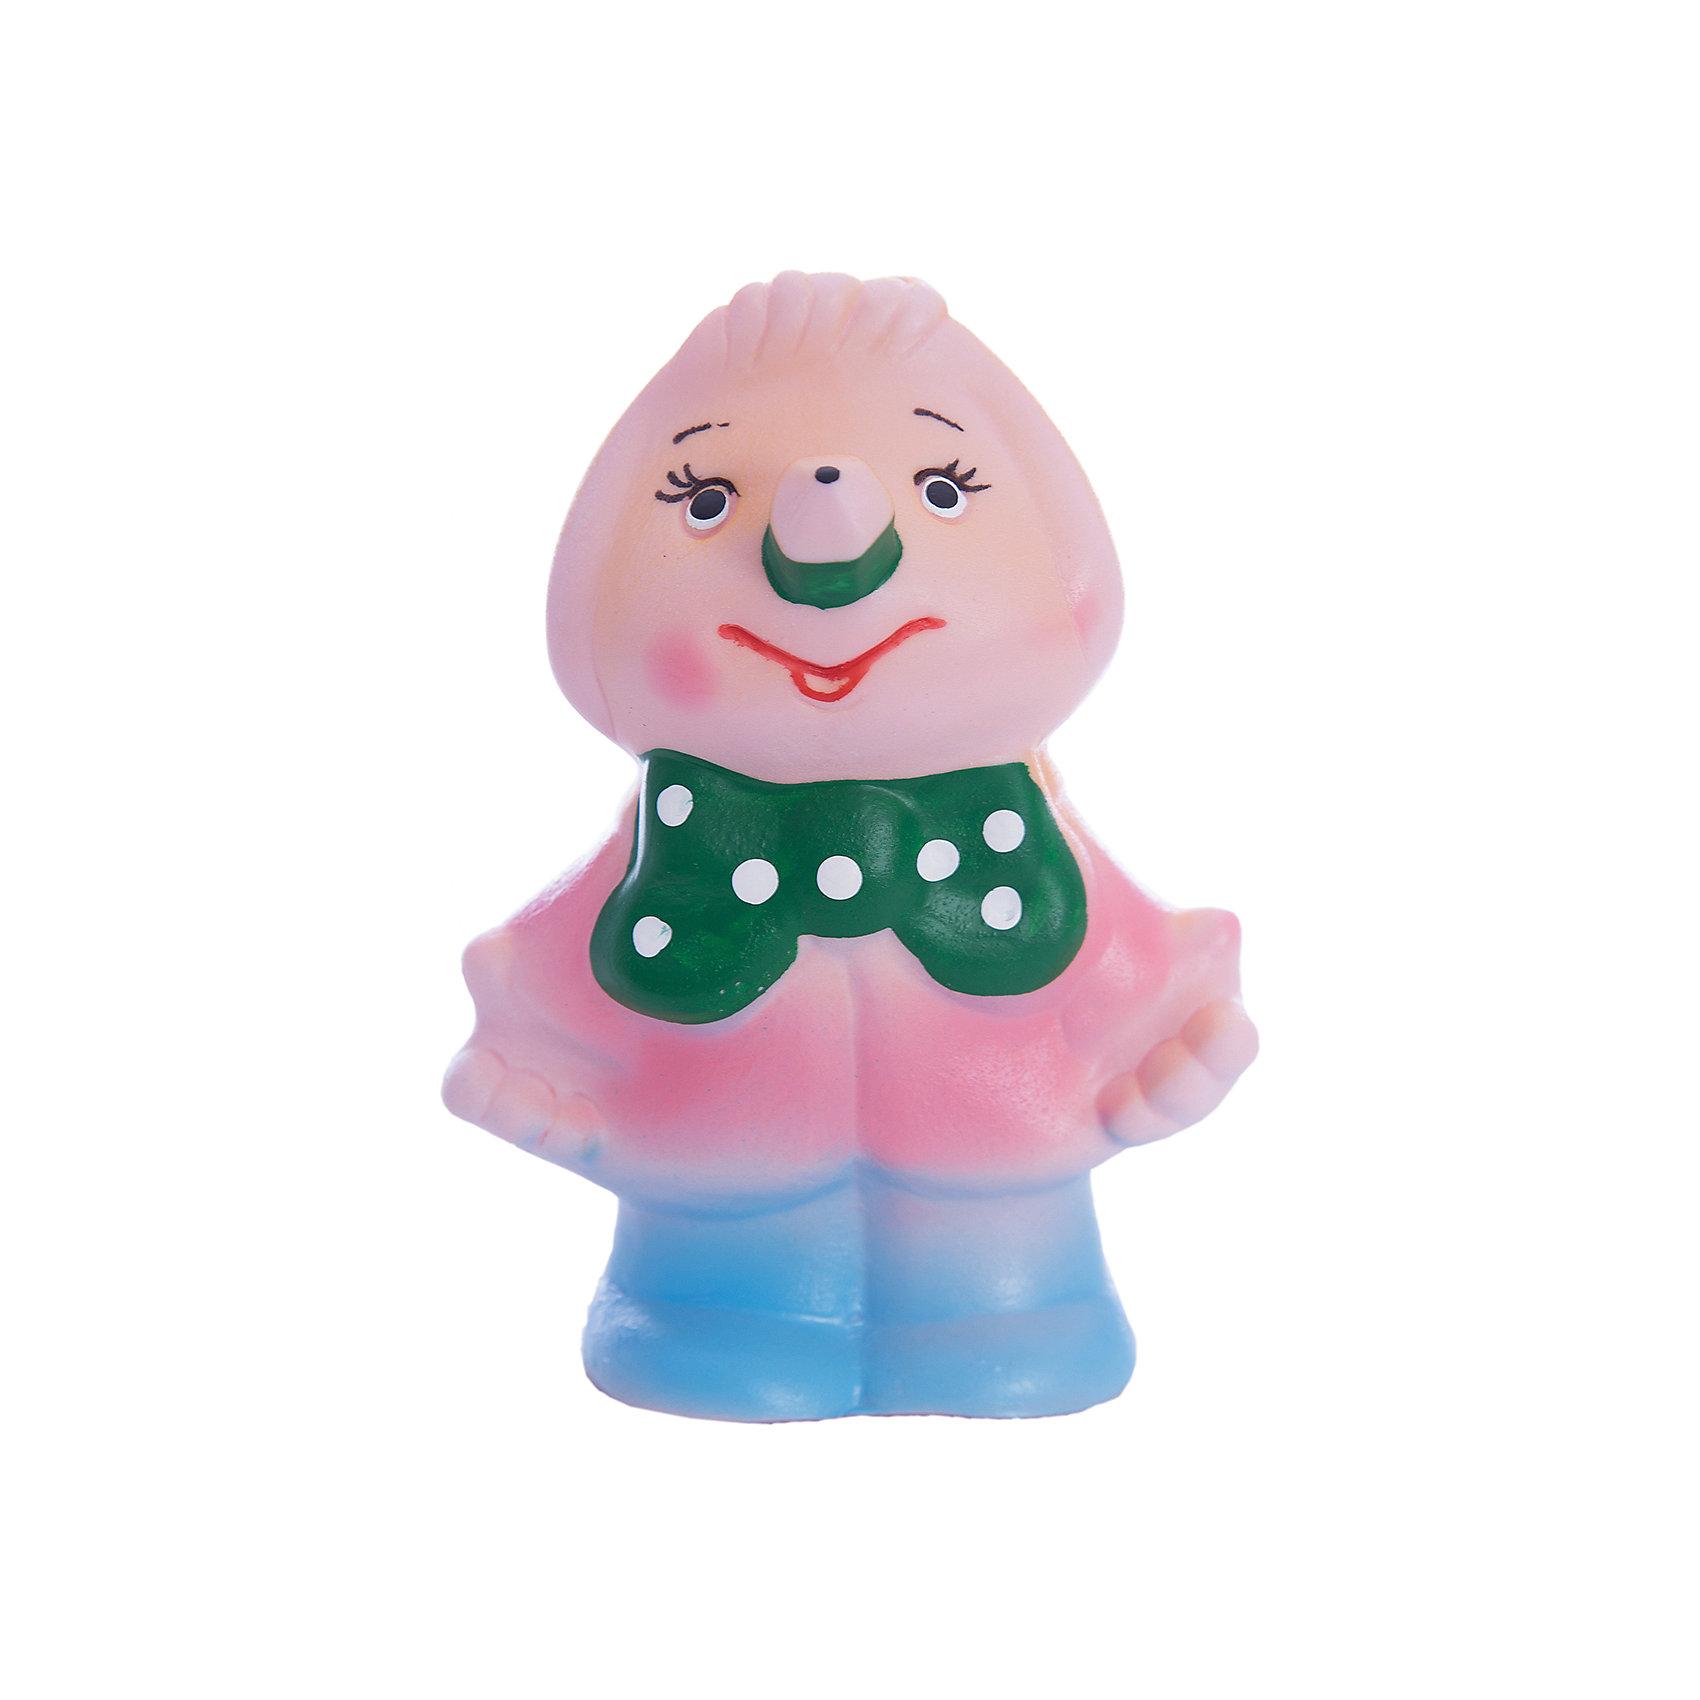 Карандаш, КудесникиИгрушки ПВХ<br>Карандаш, Кудесники<br><br>Характеристики:<br><br>• Материал: ПВХ.<br>• Размер: 14 см.<br>• Вес: 76г.<br> <br>Отличная игрушка из мягкого ПВХ надолго займет внимания вашего малыша. Эта игрушка поможет малышу при прорезывании зубов, поможет развивать моторику рук, знакомить с формой, цветом, образами. Также с ней можно забавно поиграть в ванной. Яркий образ поможет ребенку придумывать различные сюжетно-ролевые игры.<br><br>Карандаша, Кудесники, можно купить в нашем интернет – магазине.<br><br>Ширина мм: 30<br>Глубина мм: 70<br>Высота мм: 120<br>Вес г: 88<br>Возраст от месяцев: 12<br>Возраст до месяцев: 36<br>Пол: Унисекс<br>Возраст: Детский<br>SKU: 4896471